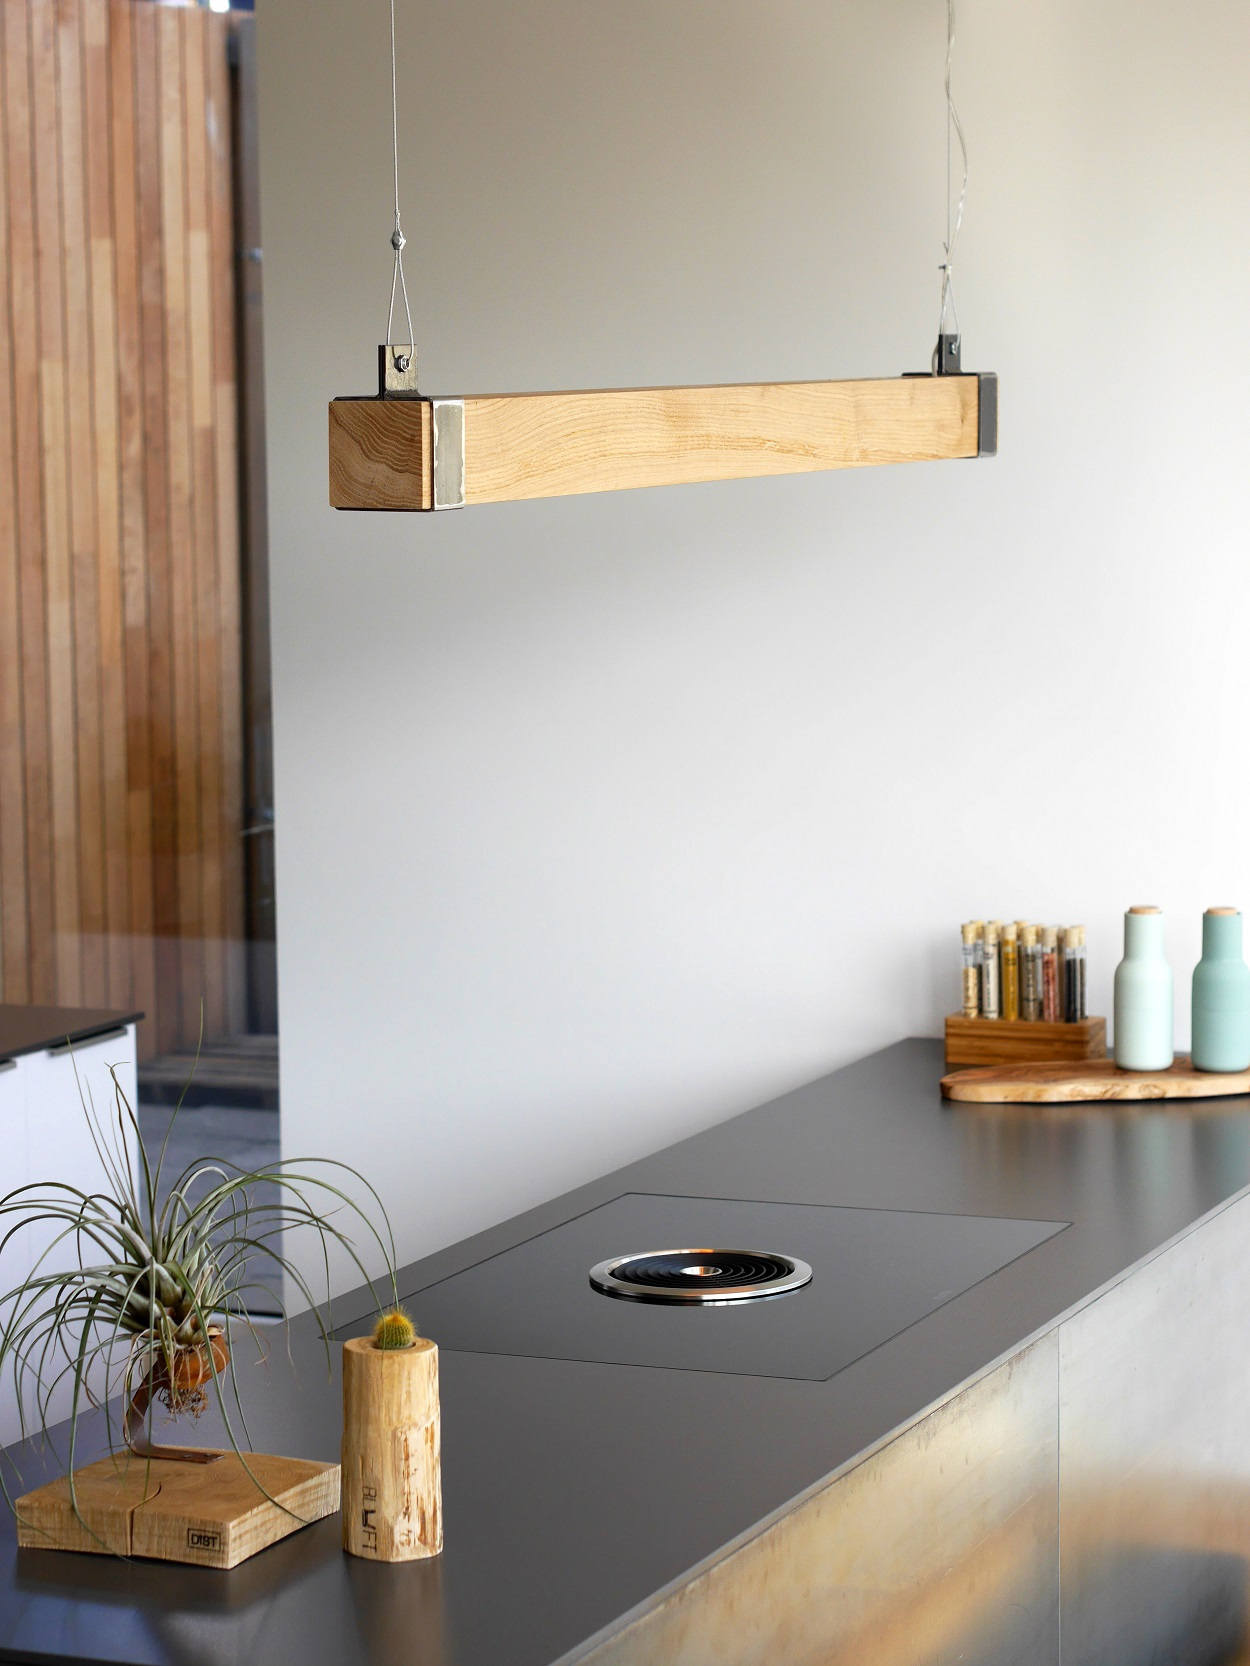 houten balklamp 39 woodlight 39 indusigns. Black Bedroom Furniture Sets. Home Design Ideas